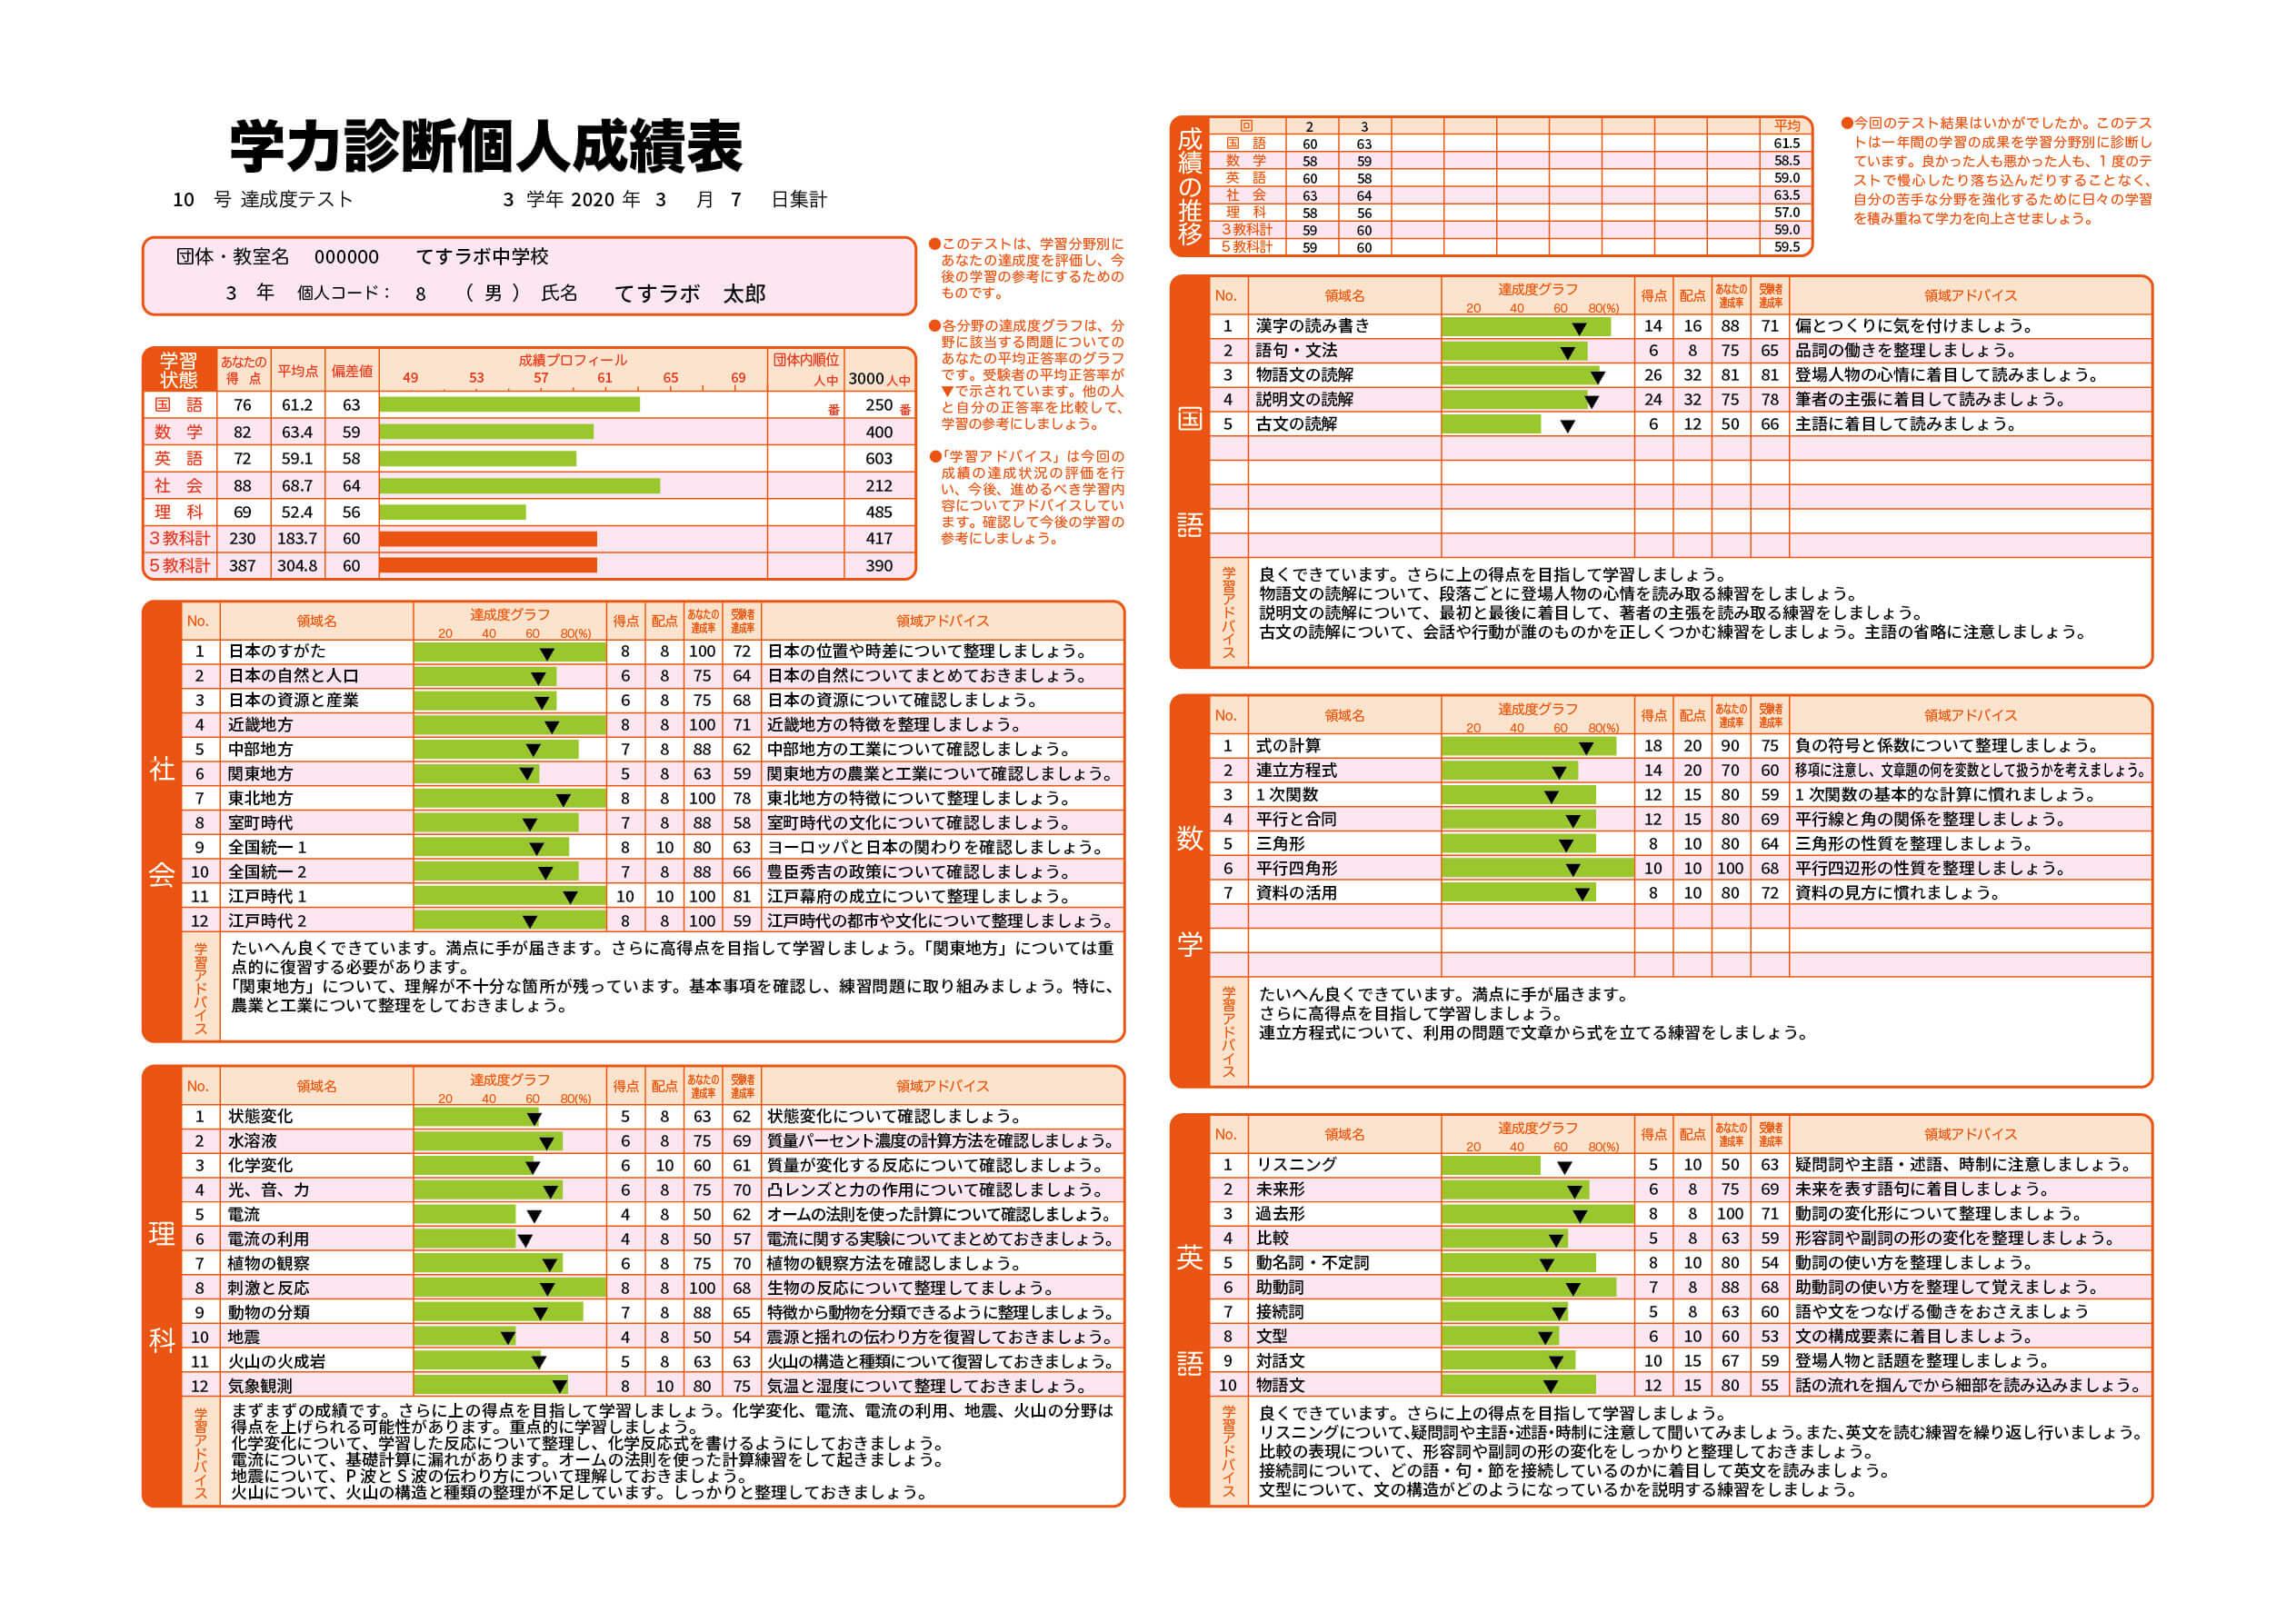 学力診断個人成績表